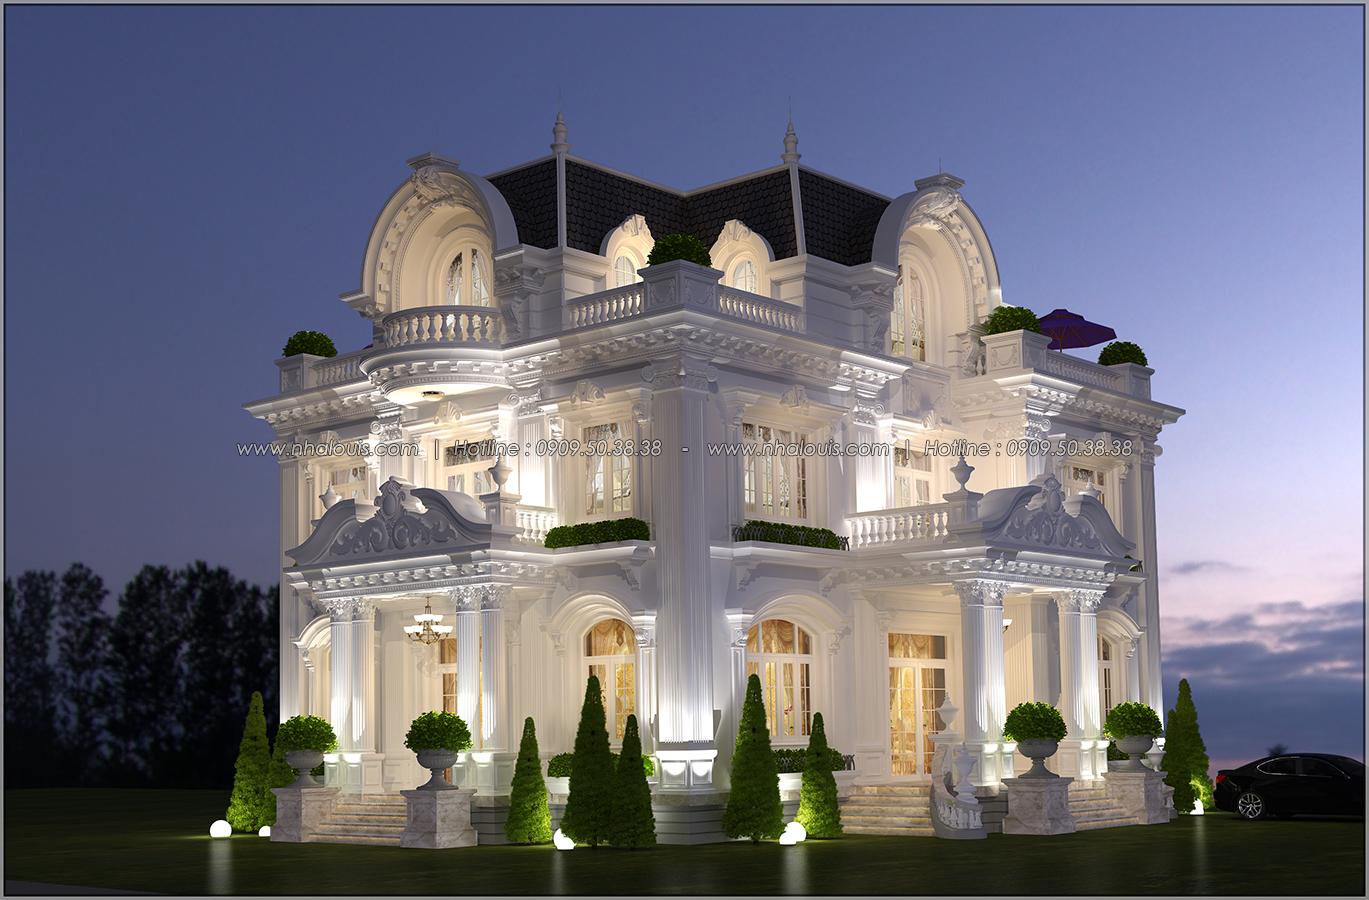 Mê mẩn với thiết kế biệt thự kiểu Pháp tại Biên Hòa đẹp kiêu sa, diễm lệ - 2